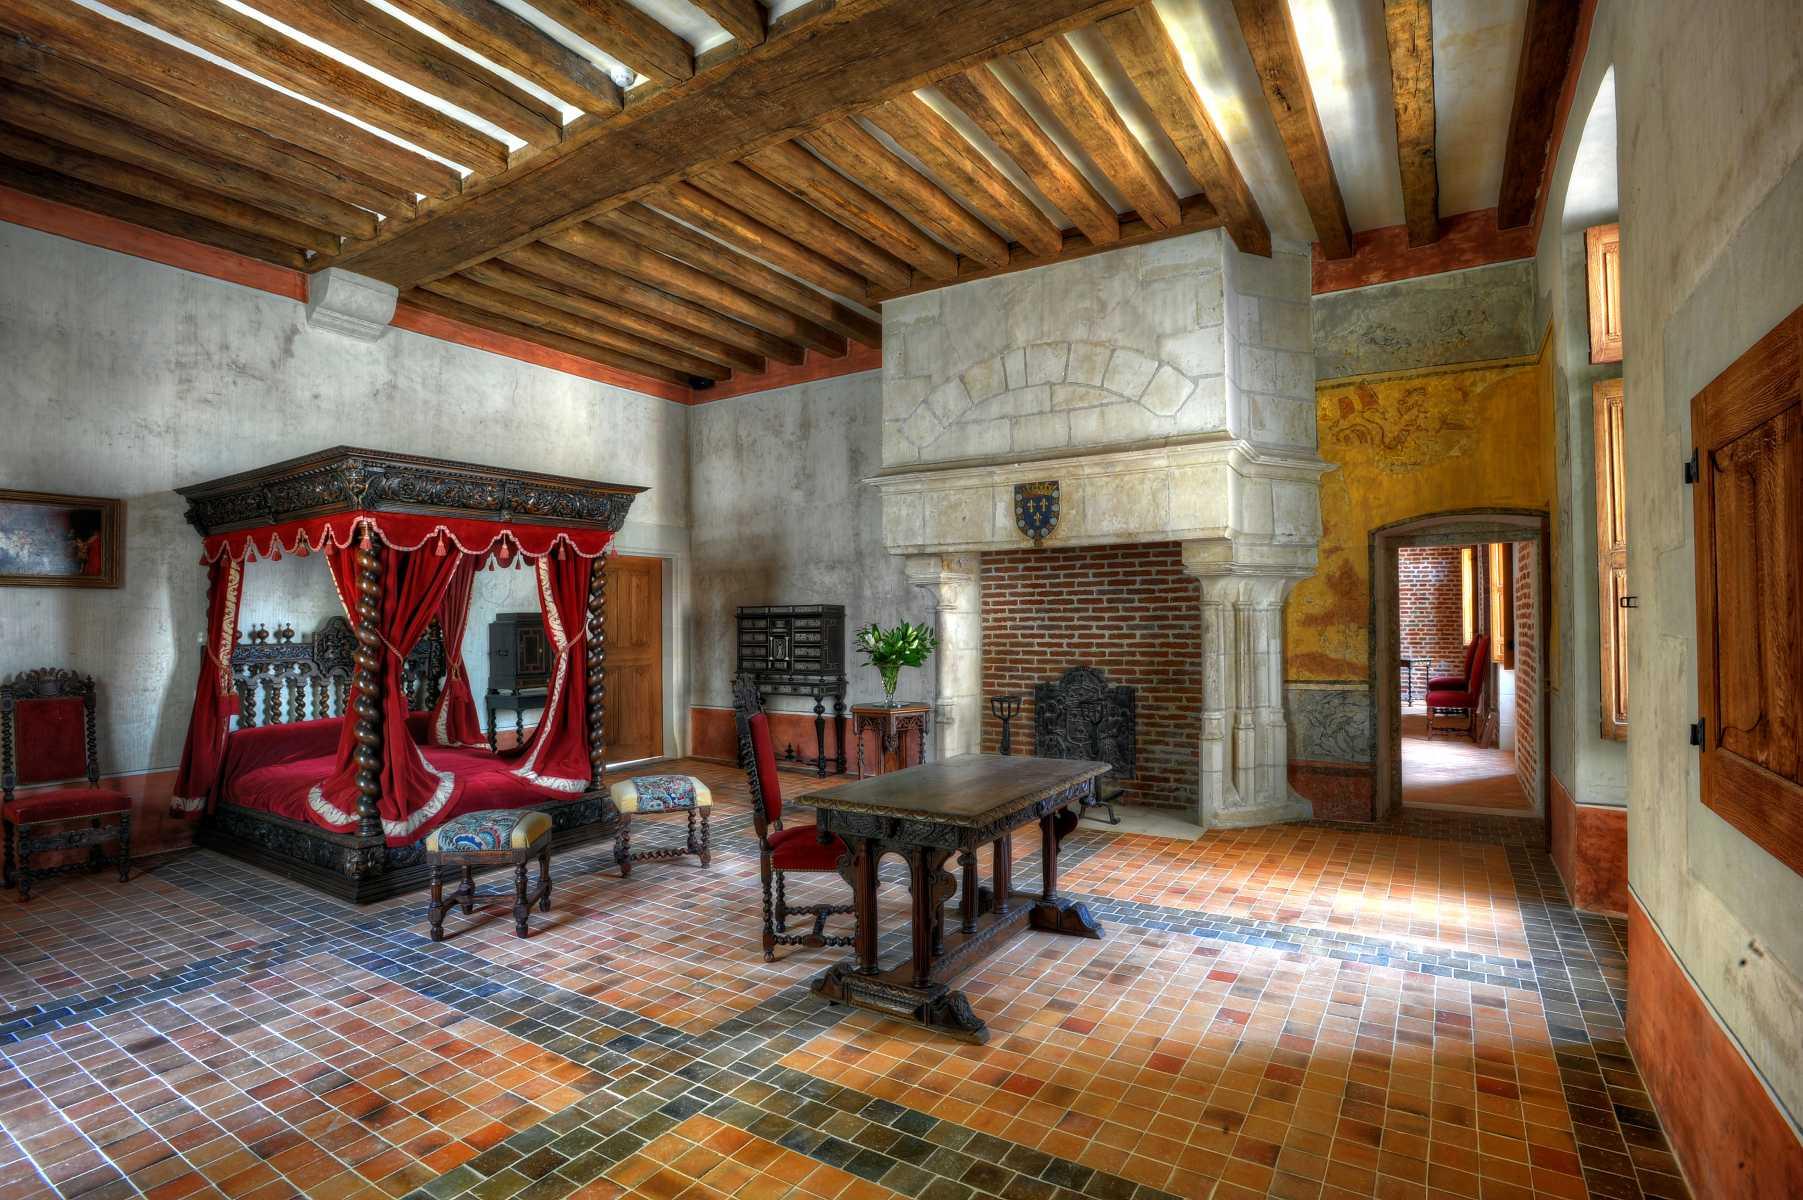 France - Clos-Lucé - Reconstitution de la chambre où Léonard de Vinci aurait fini ses jours